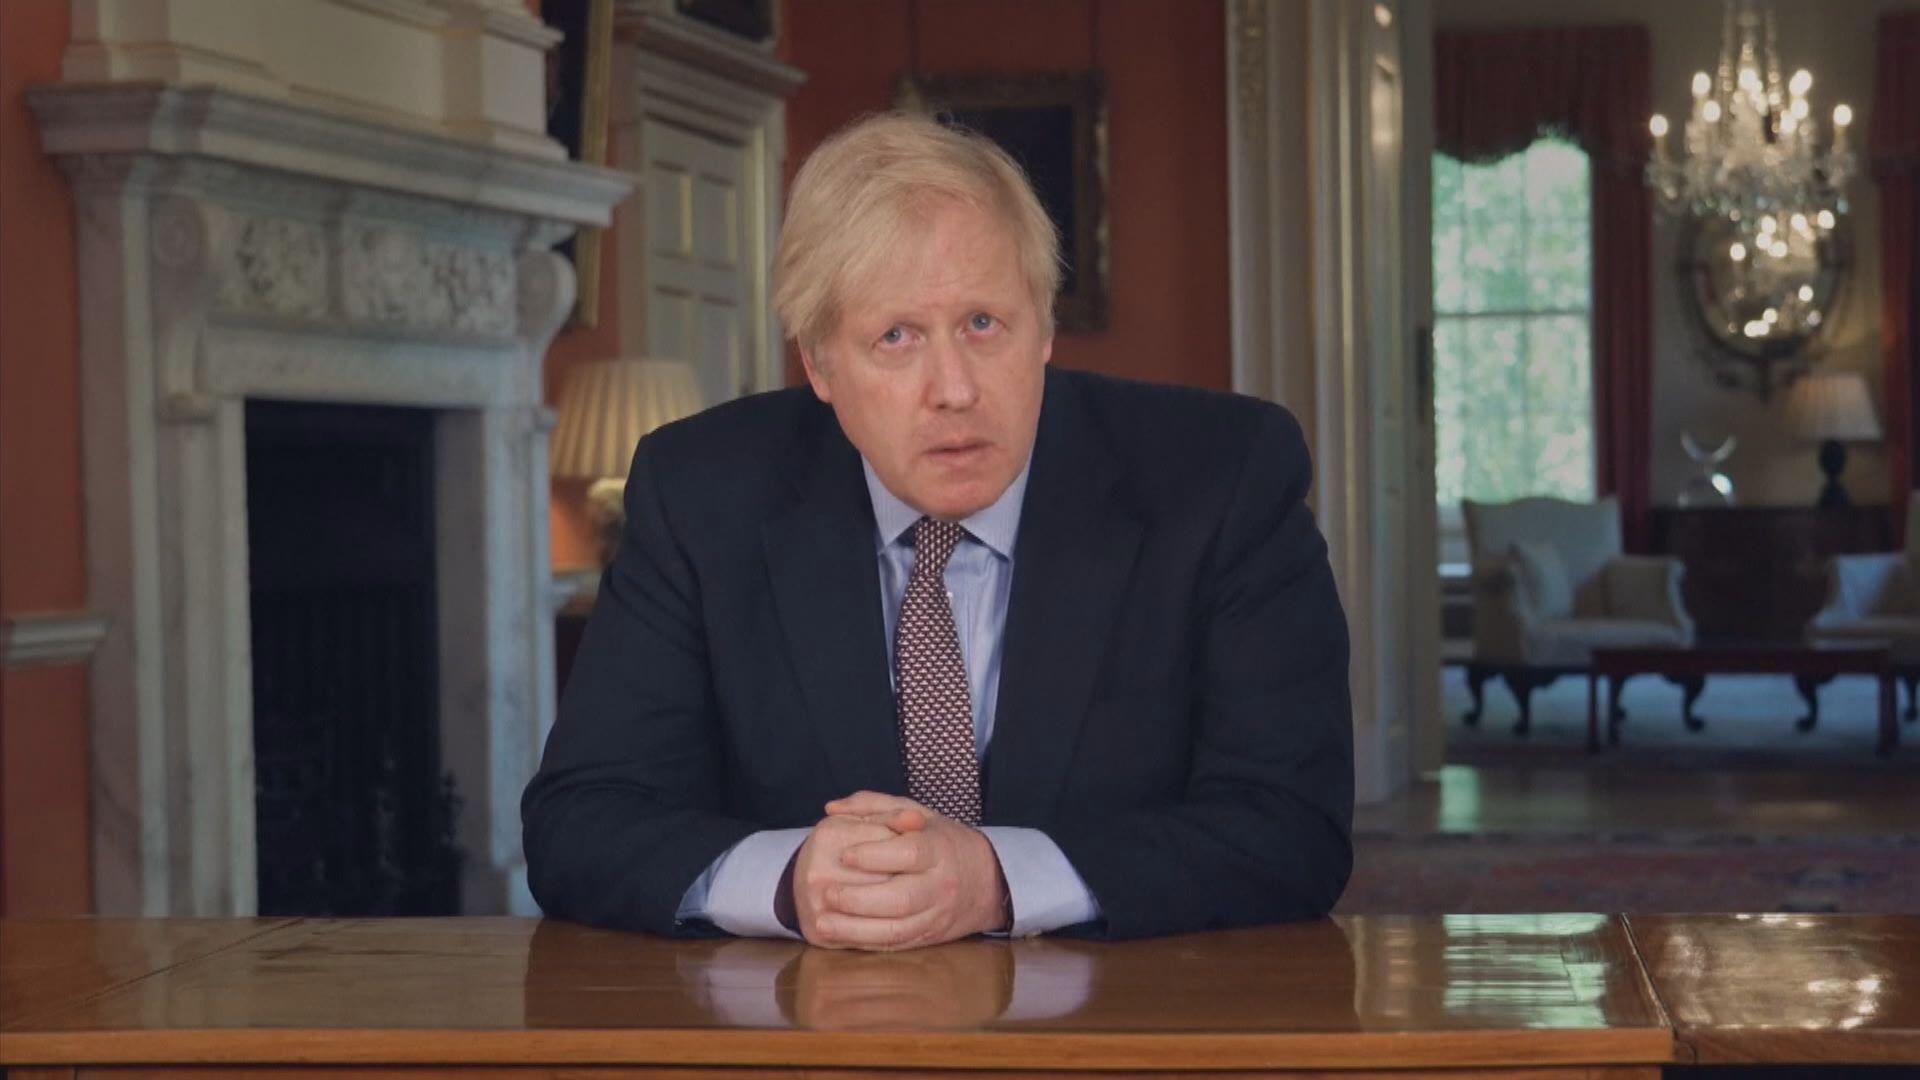 約翰遜宣布英國有條件地重啟社會